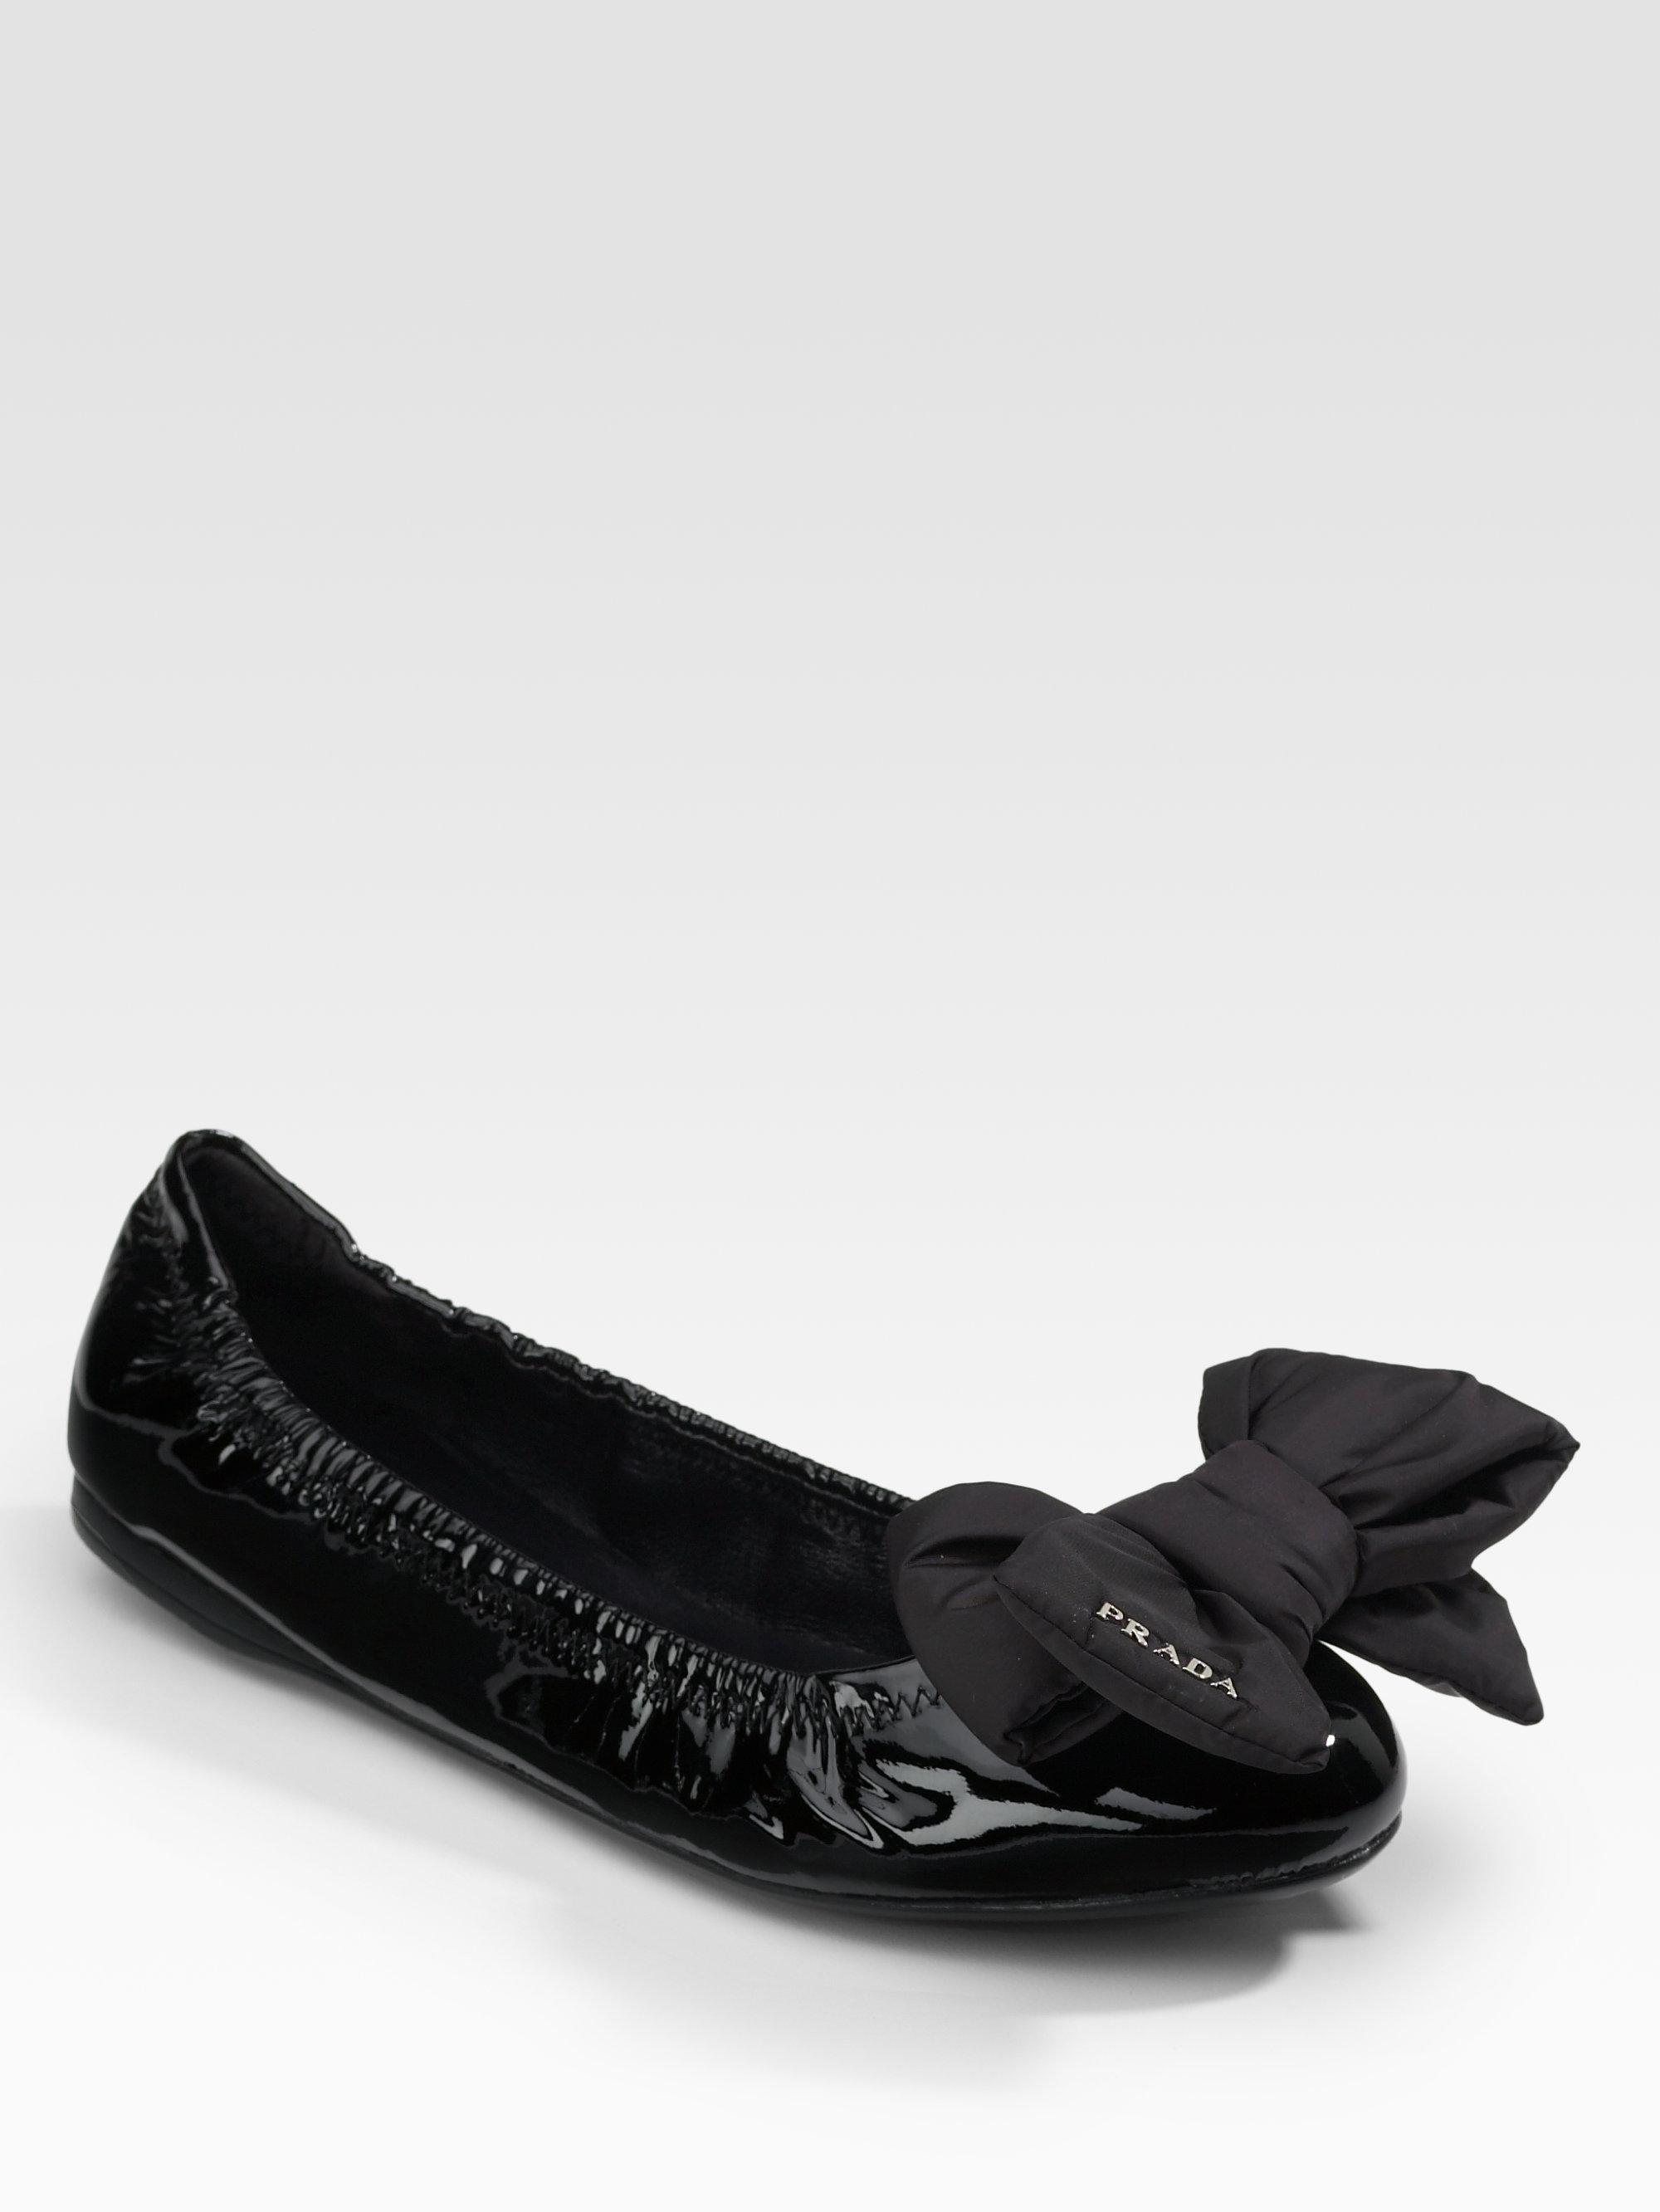 f242b4f0b93 Lyst - Prada Patent Leather Ballet Flats in Black